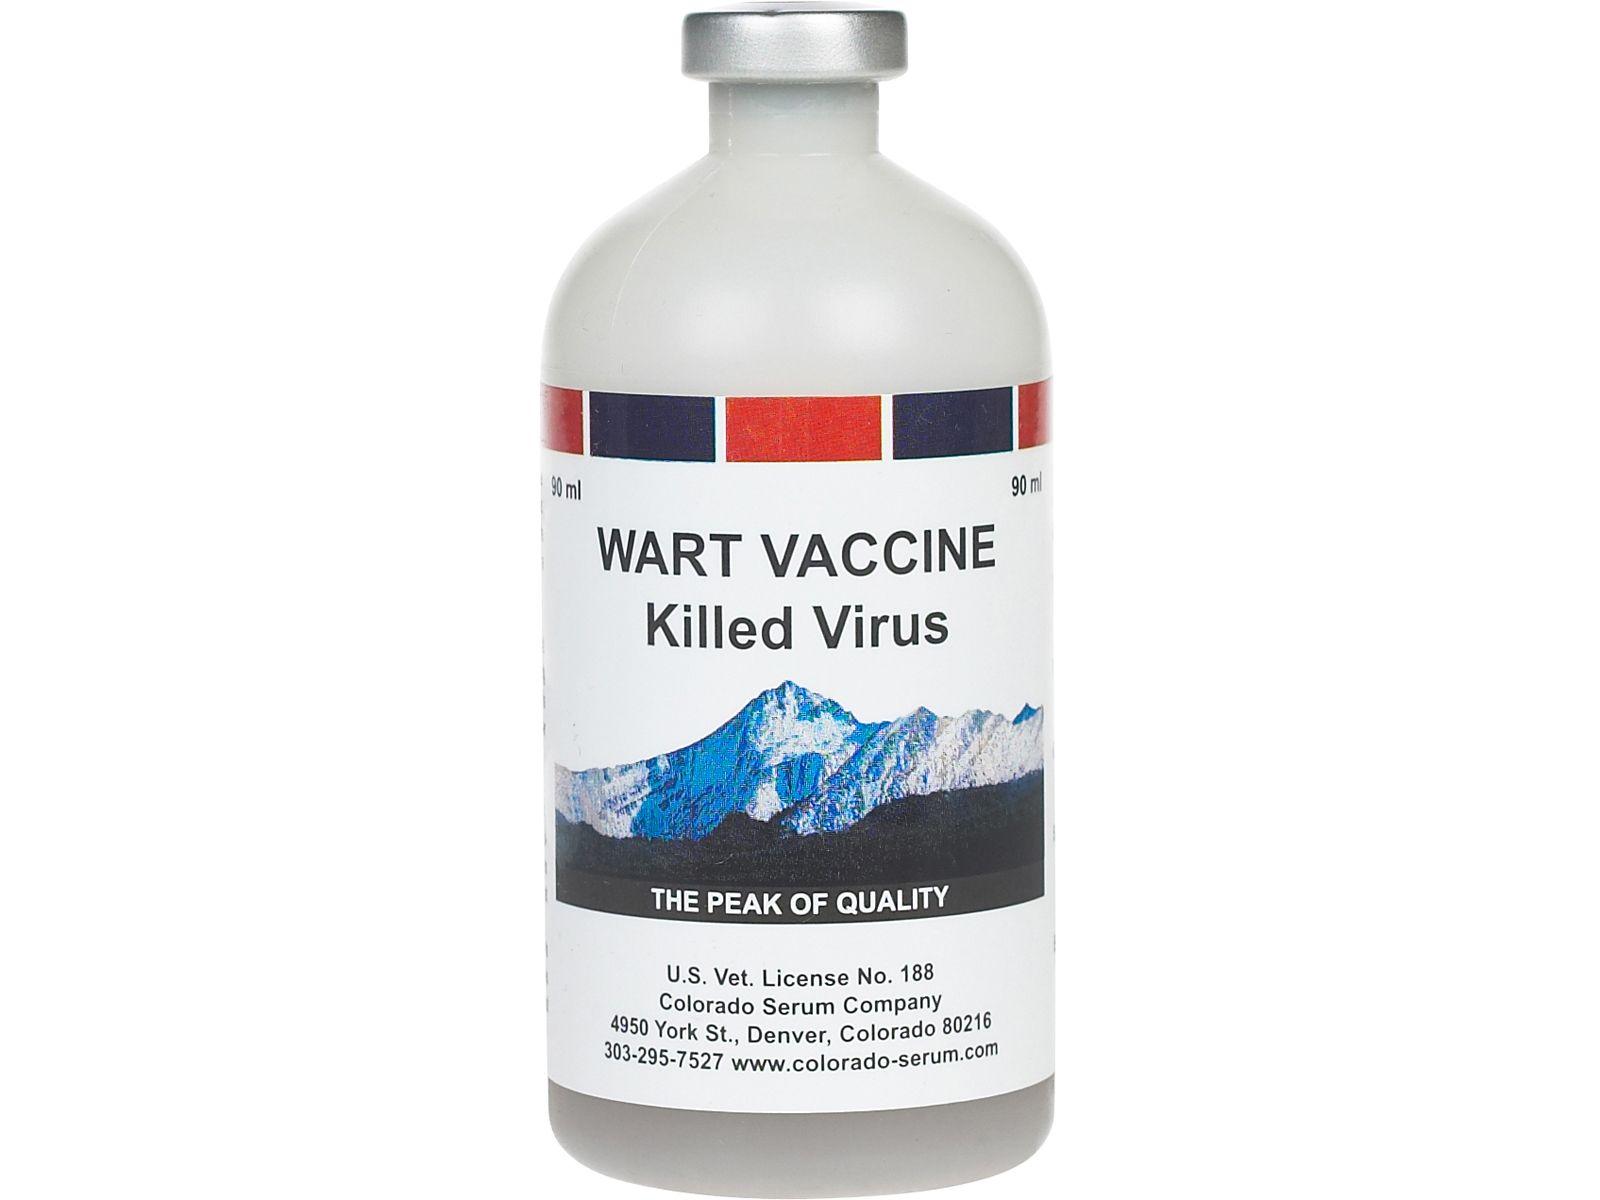 Wart Cattle Vaccine 90 ml